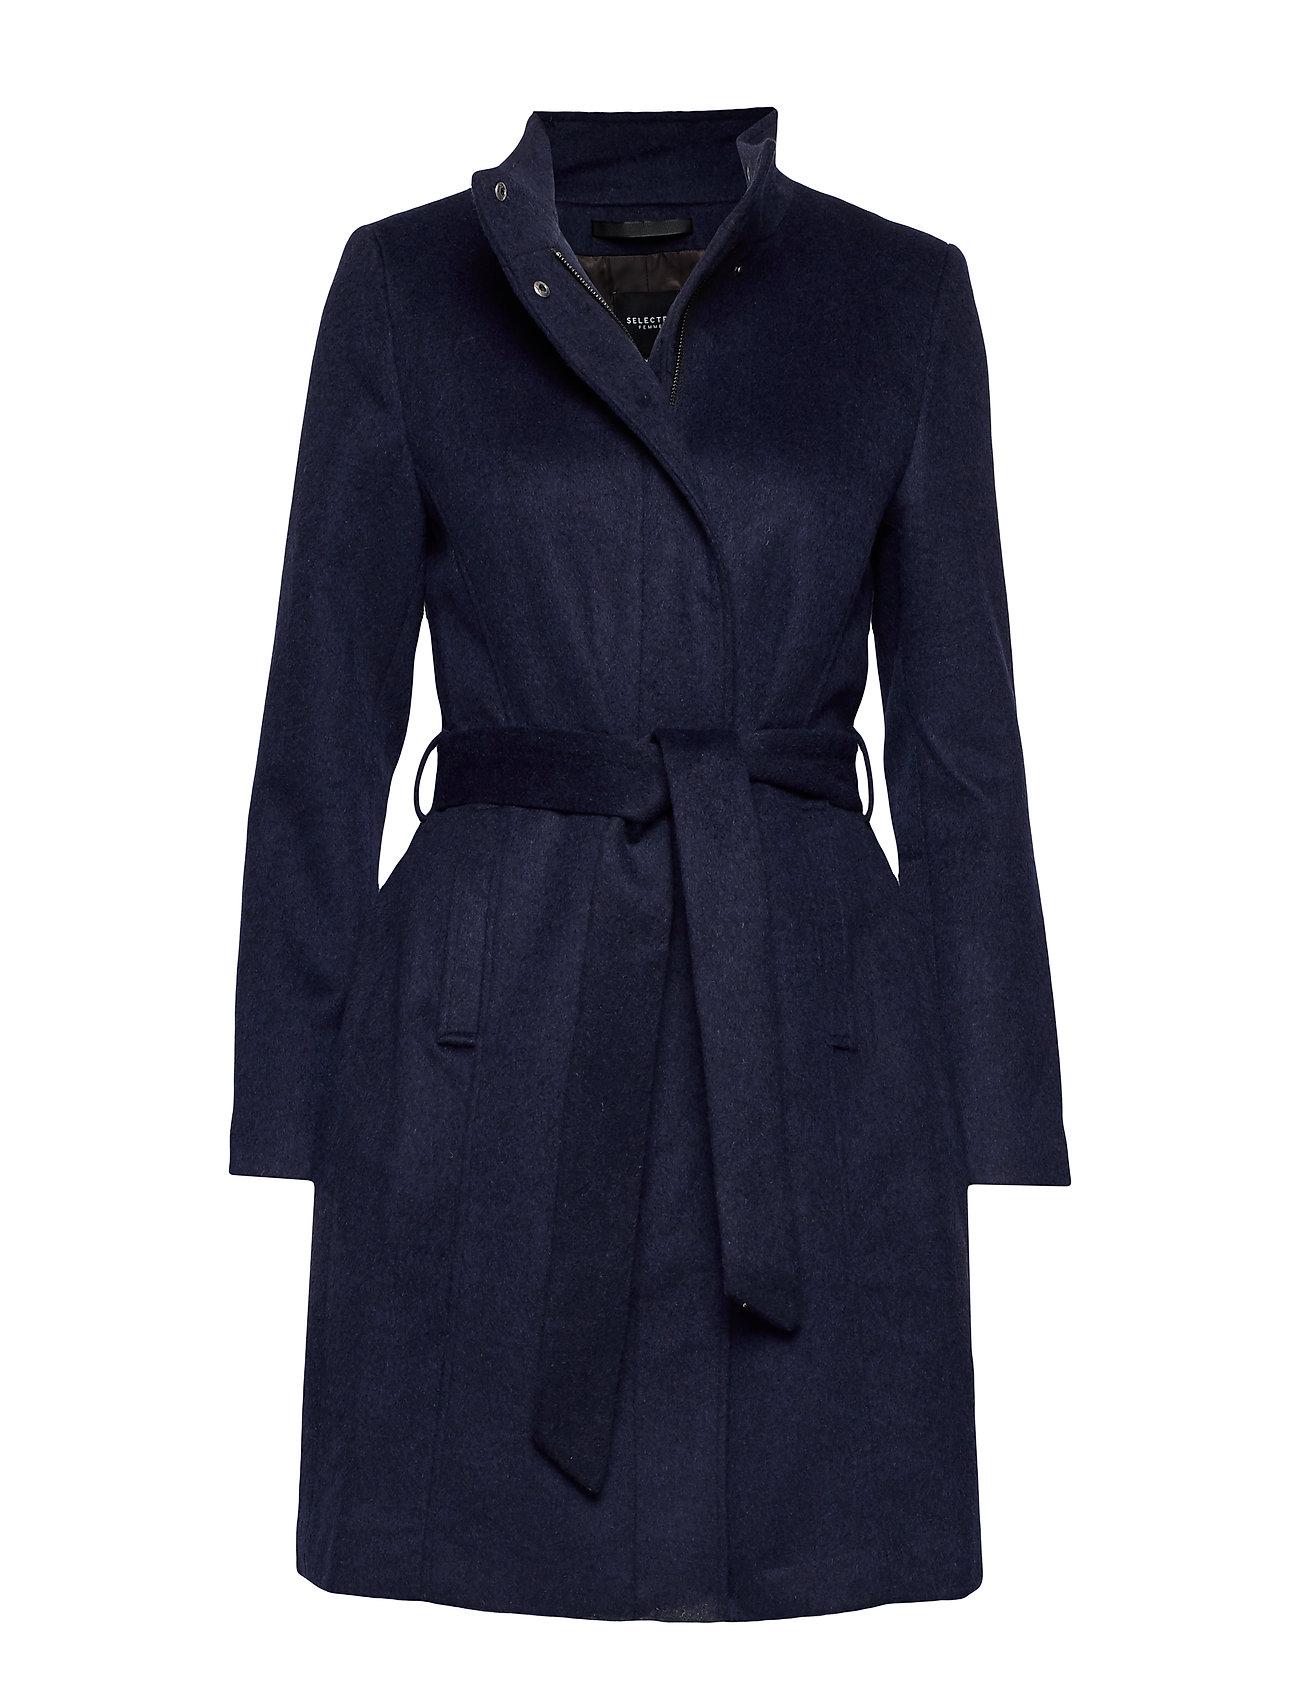 Selected Femme SLFMEA WOOL COAT B NOOS - NIGHT SKY